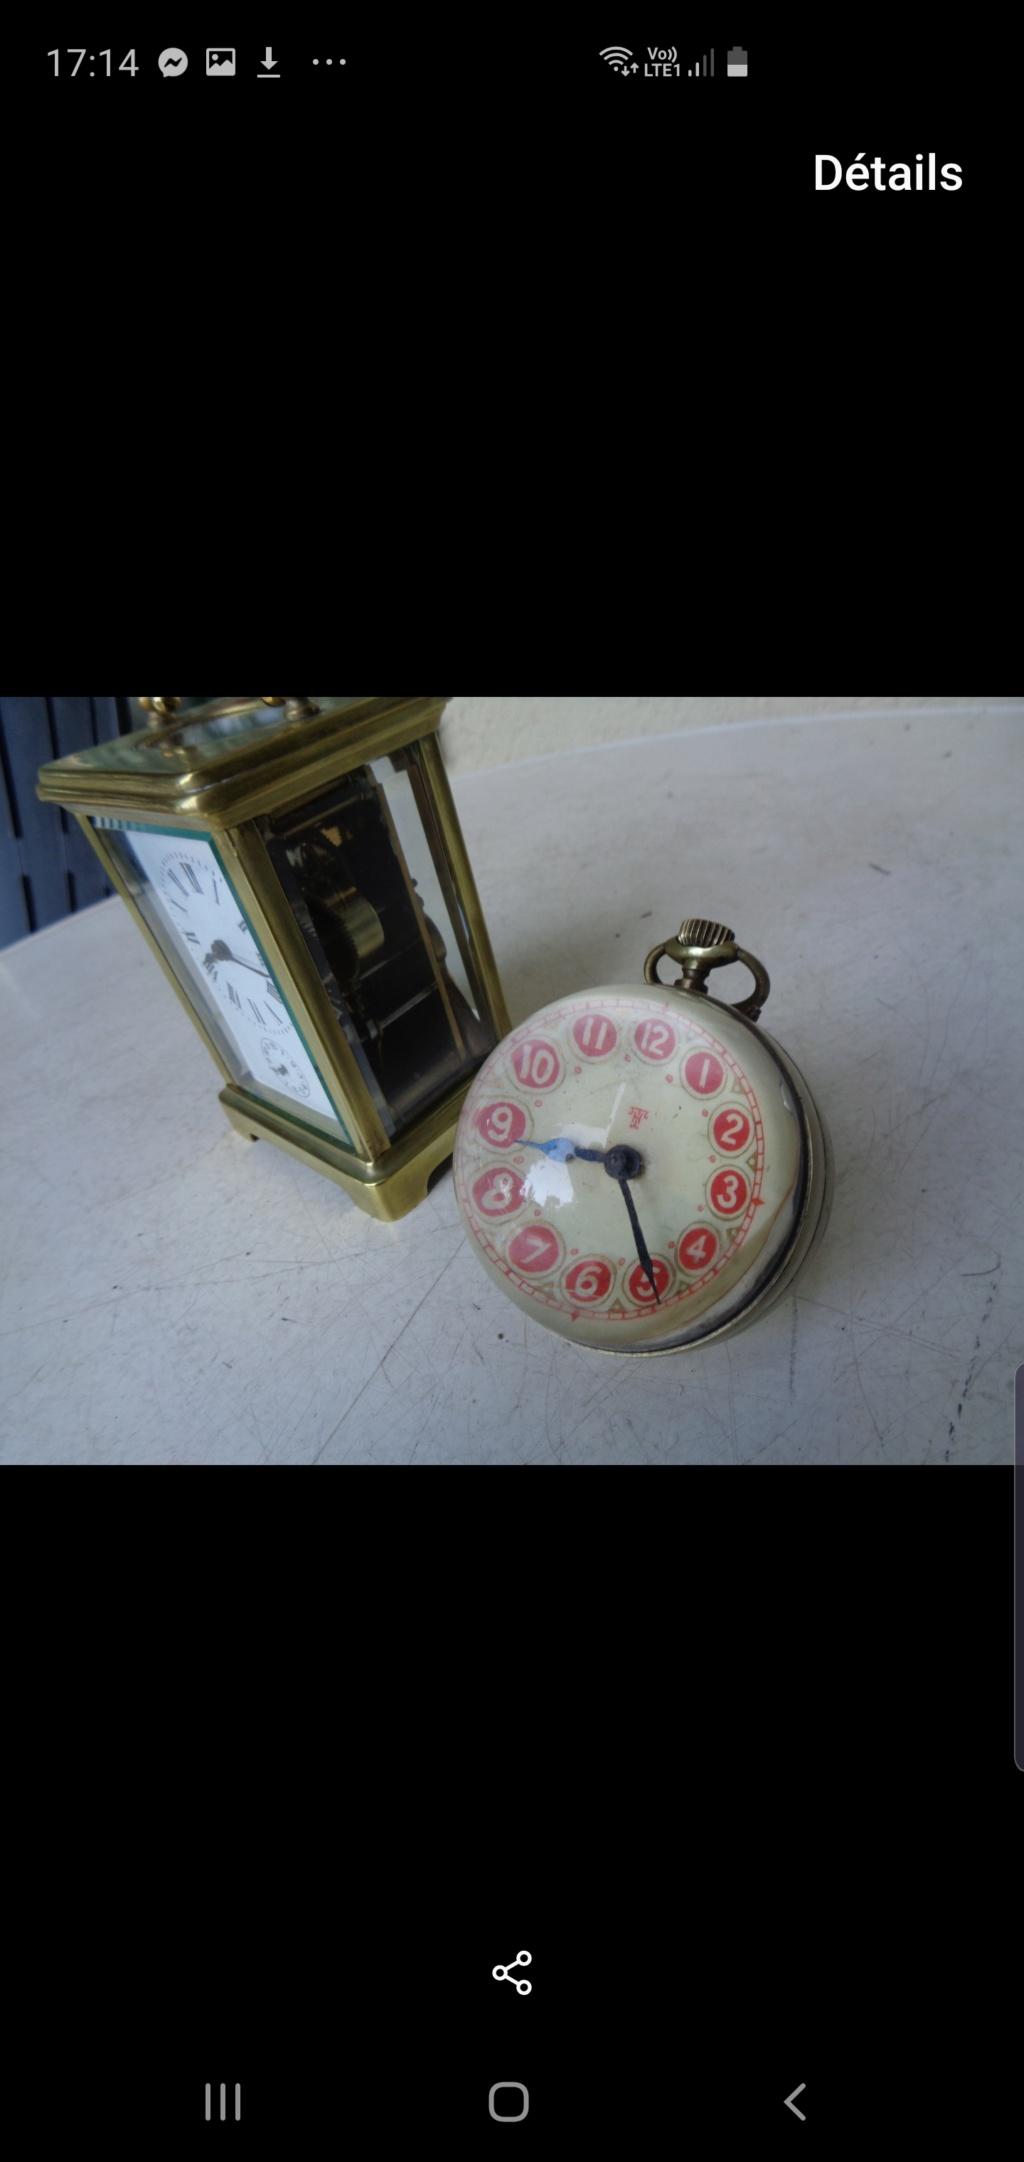 Une montre 'boule' trouvée en brocante - Page 2 Screen18